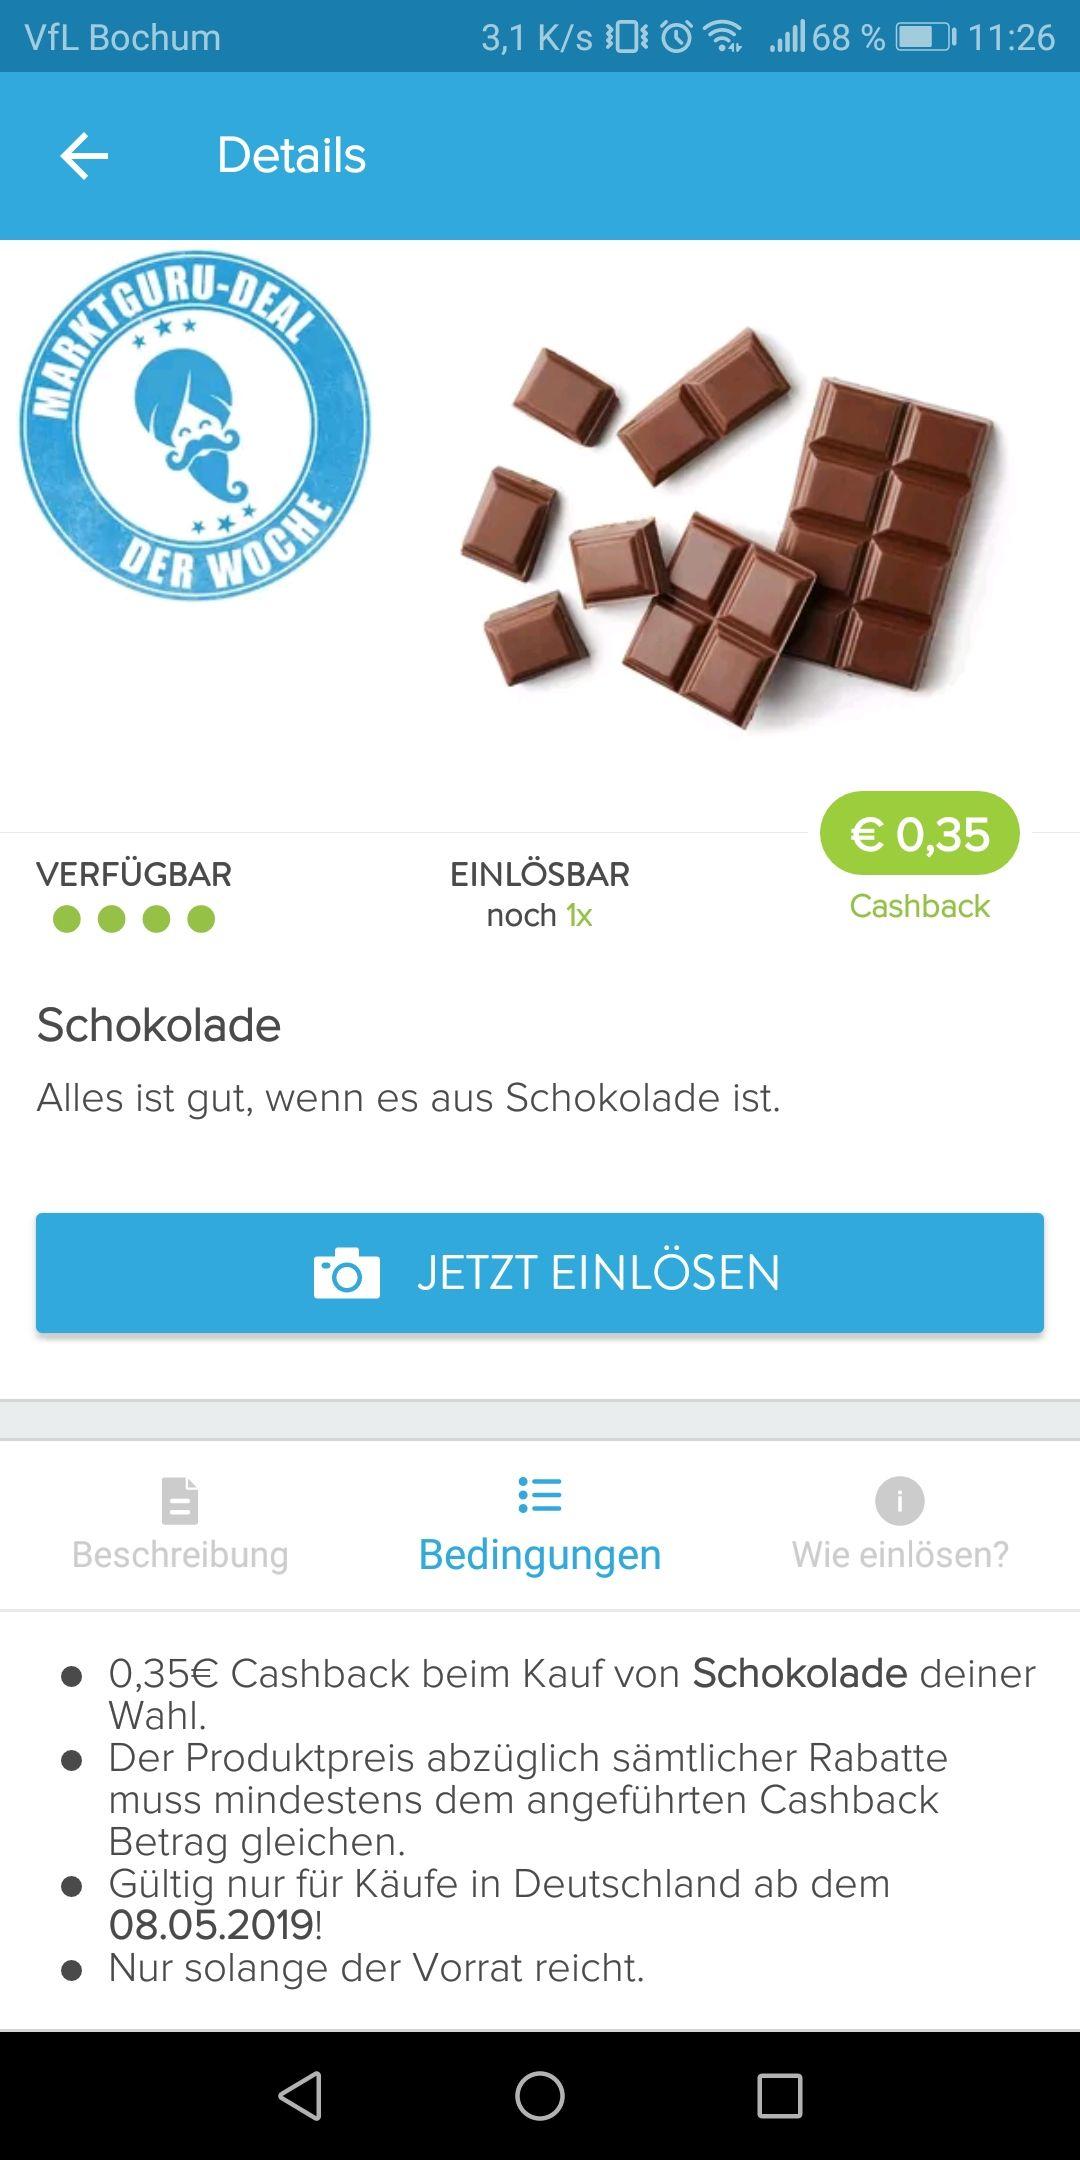 0,35€ Cashback auf Schokolade über die Marktguru App